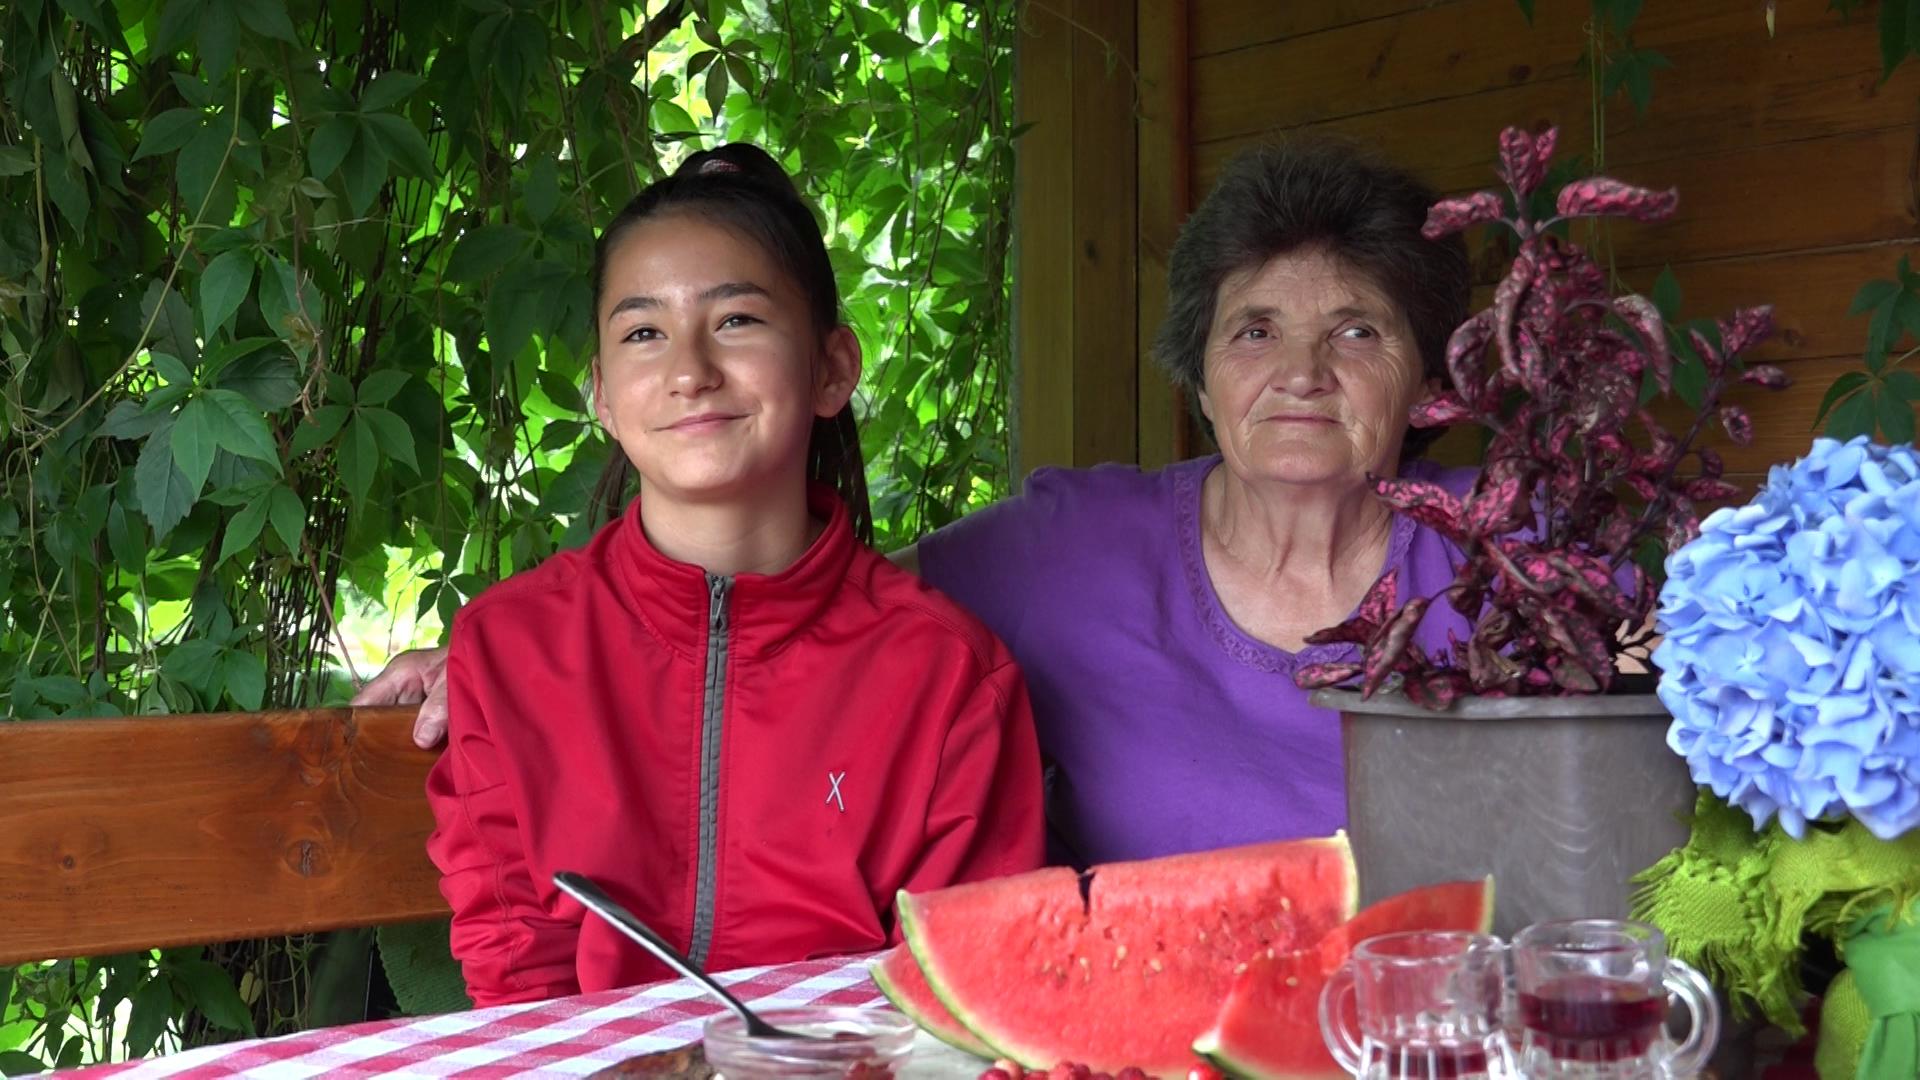 Ilustracija: Slađana sa unukom, foto: Sonja Cvetković